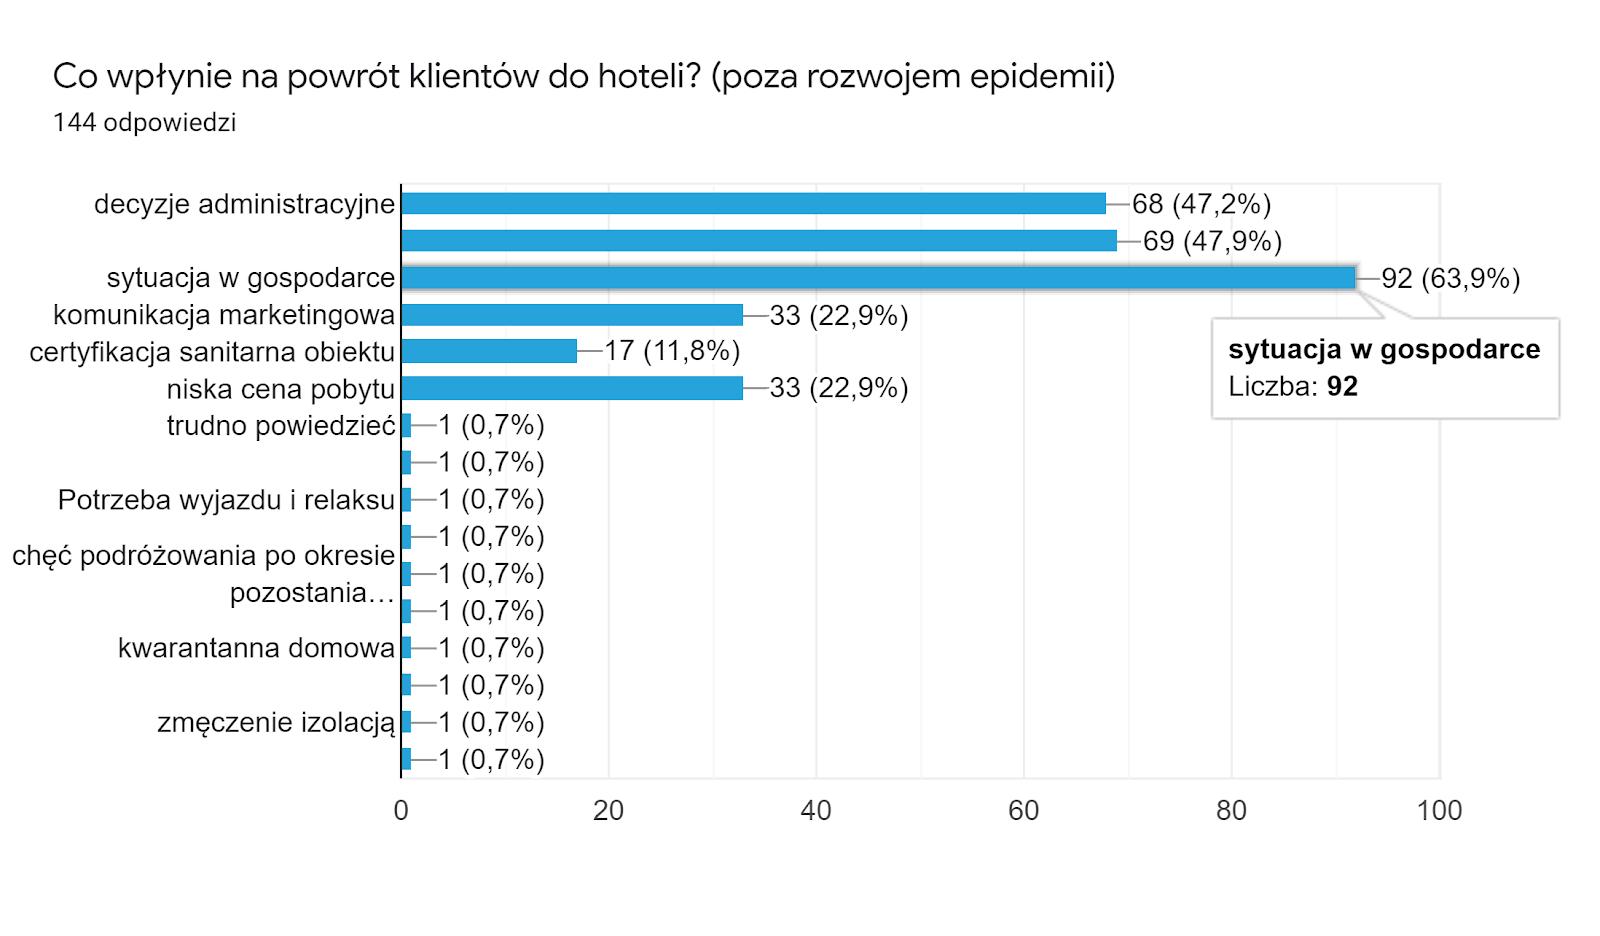 Wykres Co wpłynie na powrót klientów do hotelu